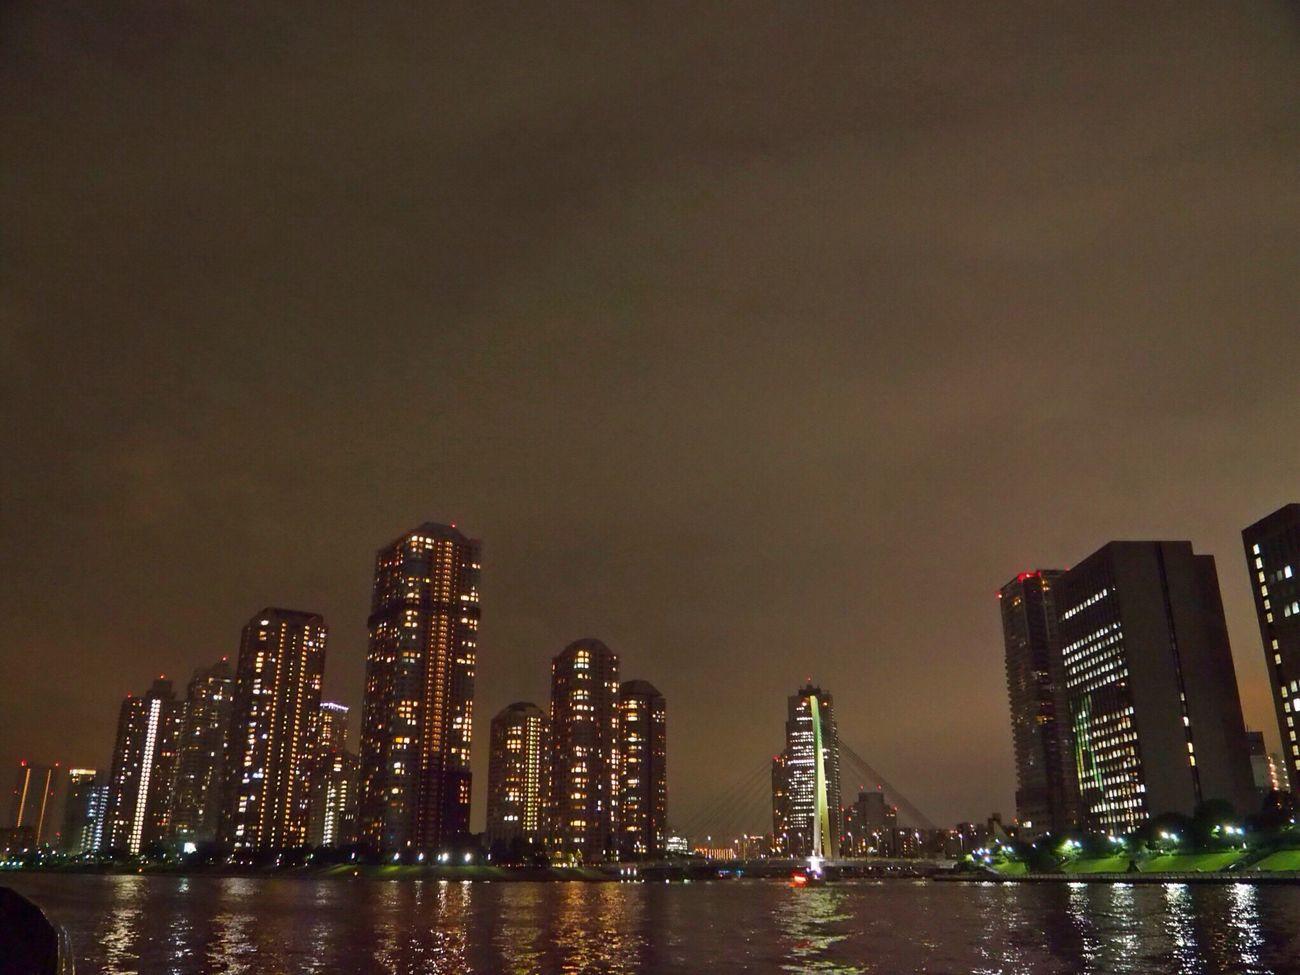 永代橋のライトアップを撮りに行ったのに工事中だった…😥 Skyscraper Night View Enjoying Life View From My Point Of View Streetphotography Cloudy Sky Sky And Clouds River Side 黄昏隊 Tokyo Japan